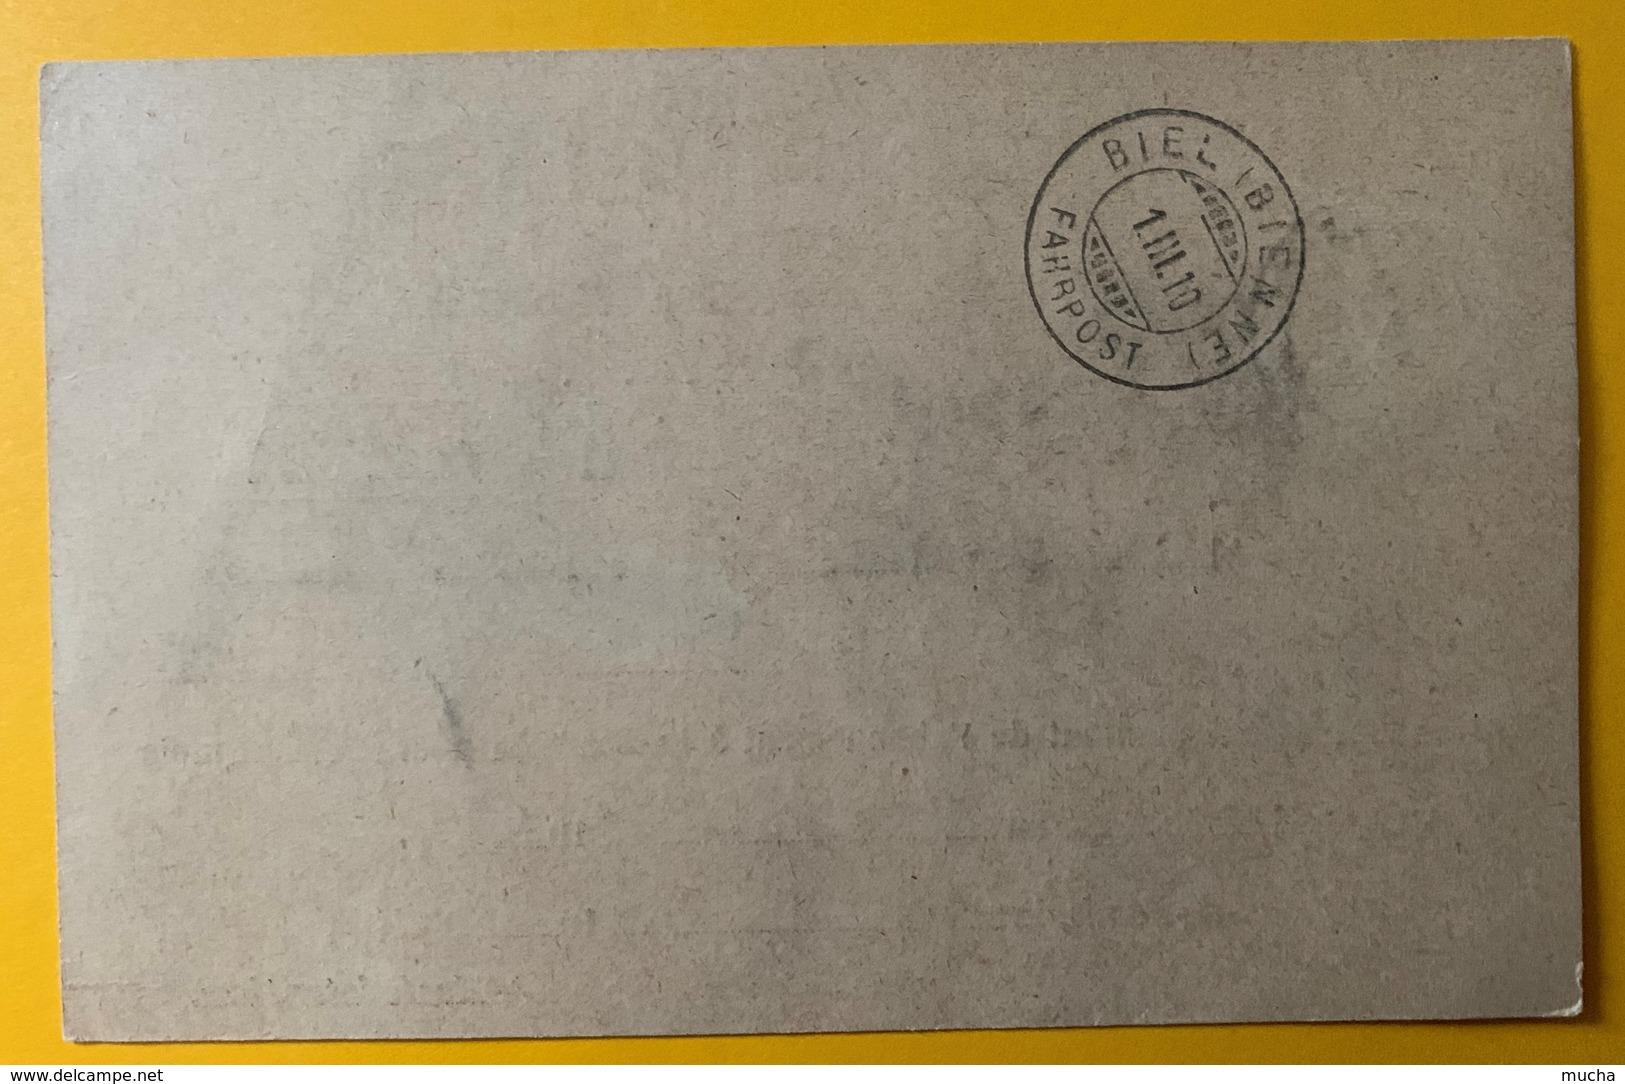 8603 - La Sentinelle Remboursement La Chaux-de-Fonds 1er Mars 1910 - NE Neuchâtel